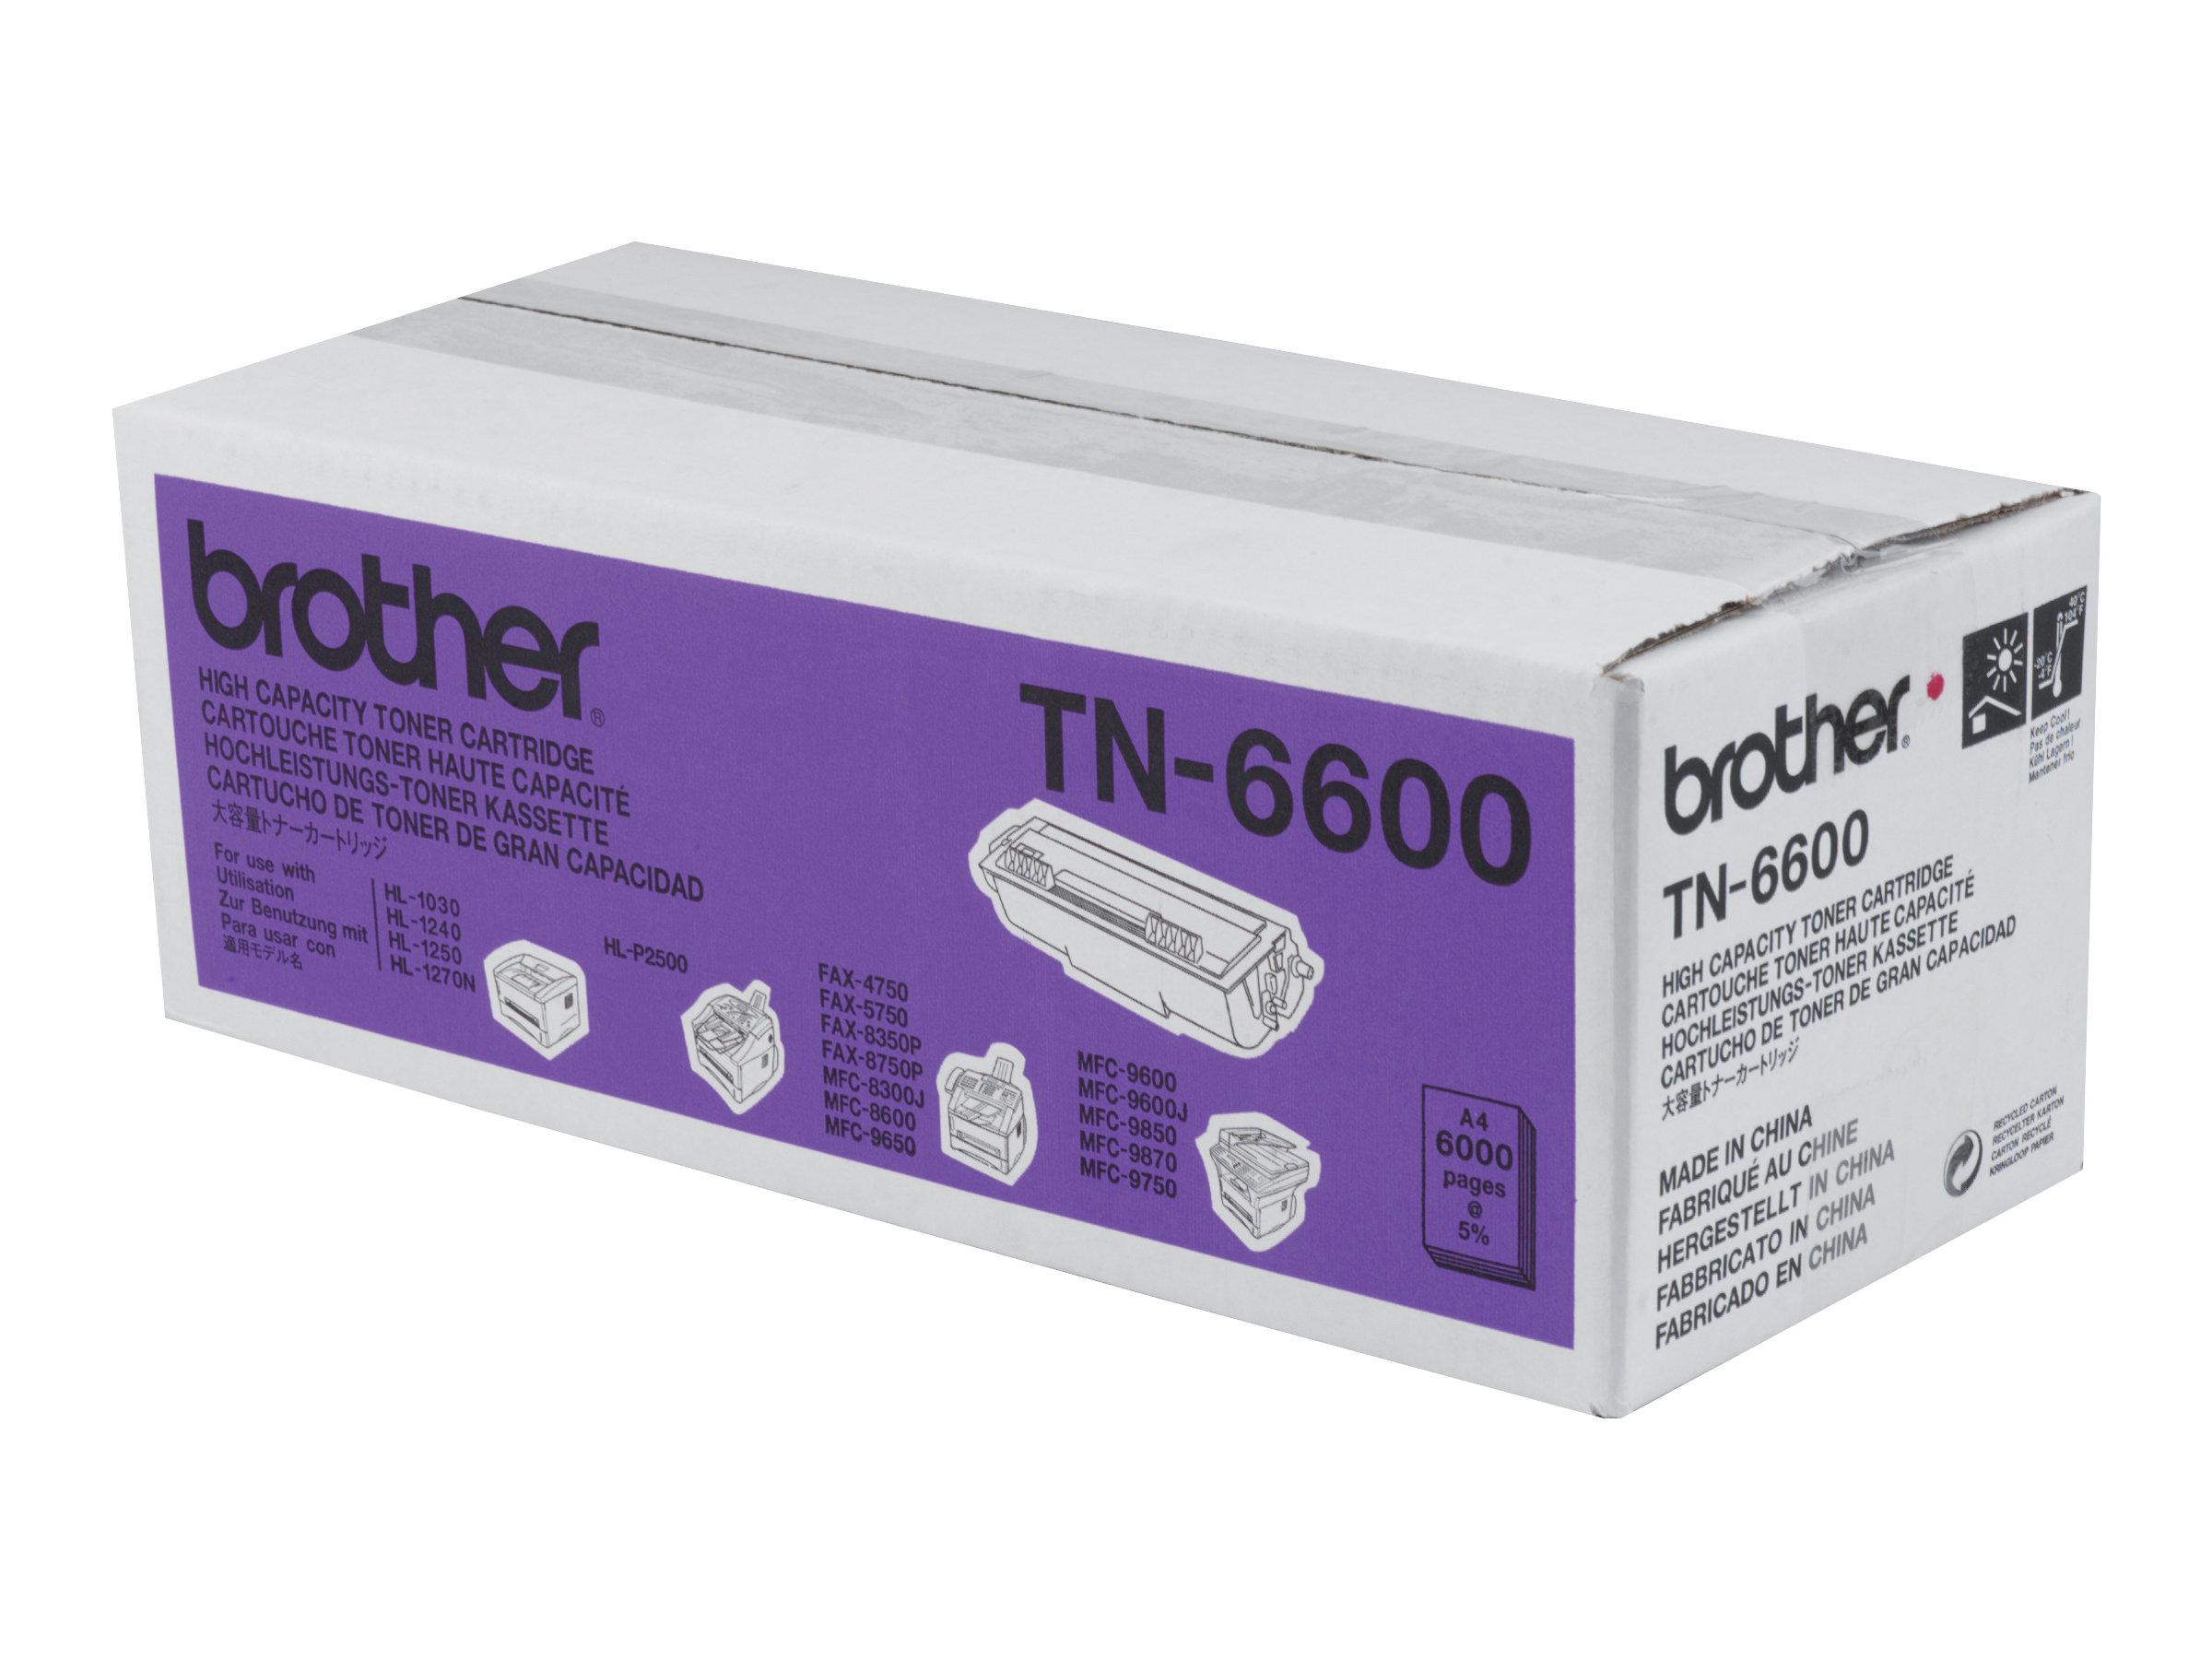 Brother TN-6600 - Schwarz - Original - Tonerpatrone - für Brother HL-1030, 1230, 1240, 1250, 1270, 1430, 1440, 1450, 1470, P2500